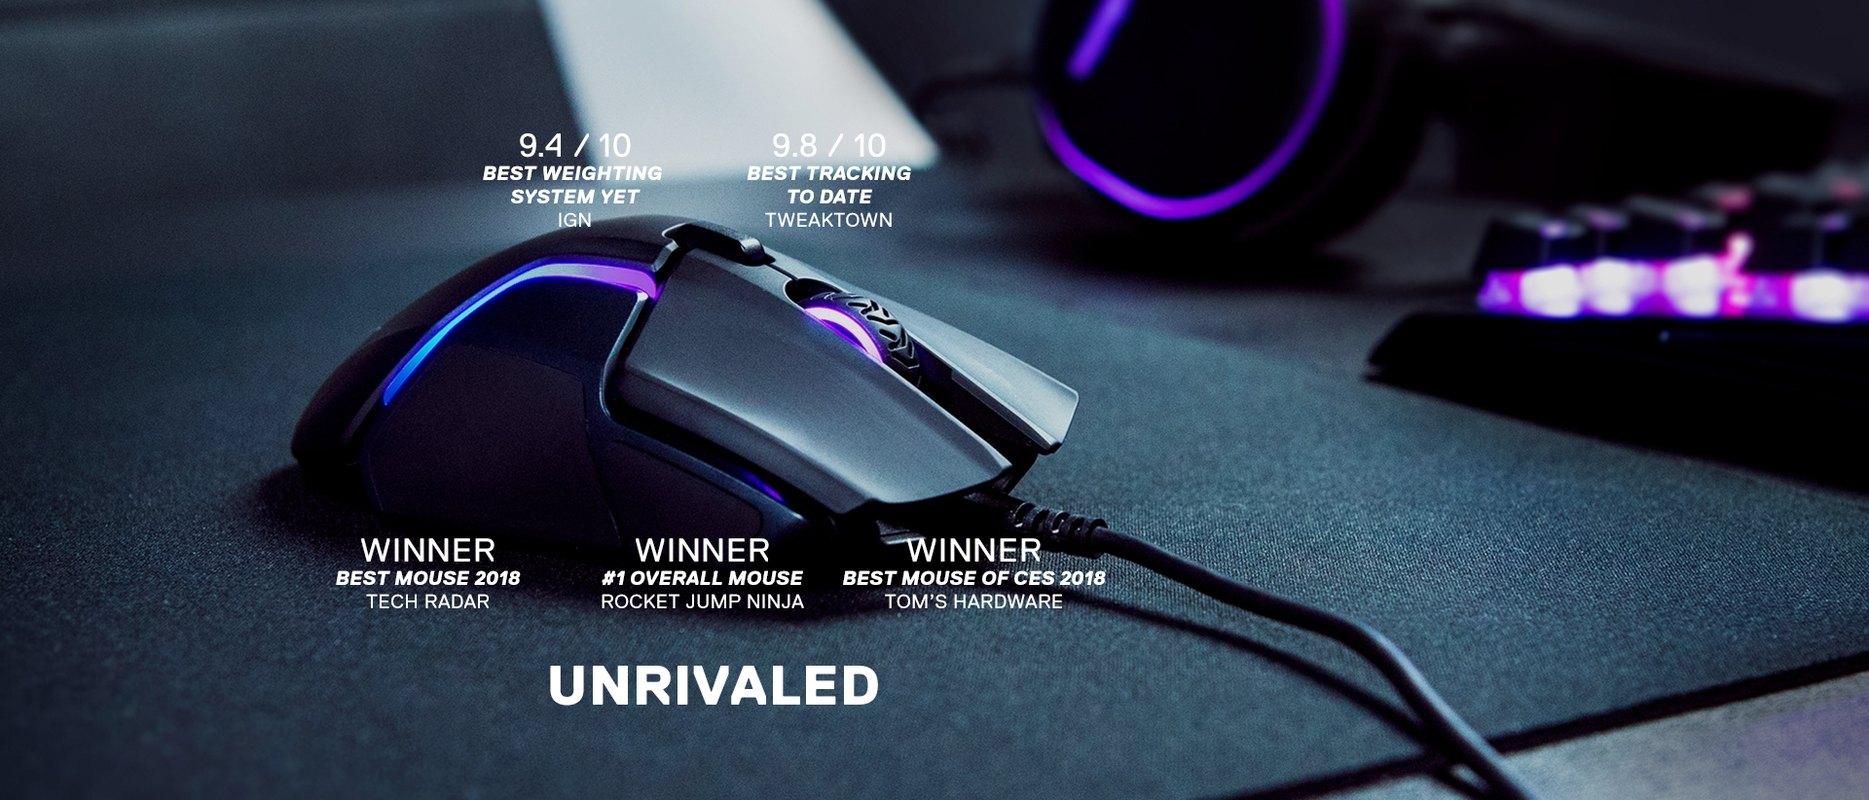 La souris de jeu Rival600 et ses récompenses